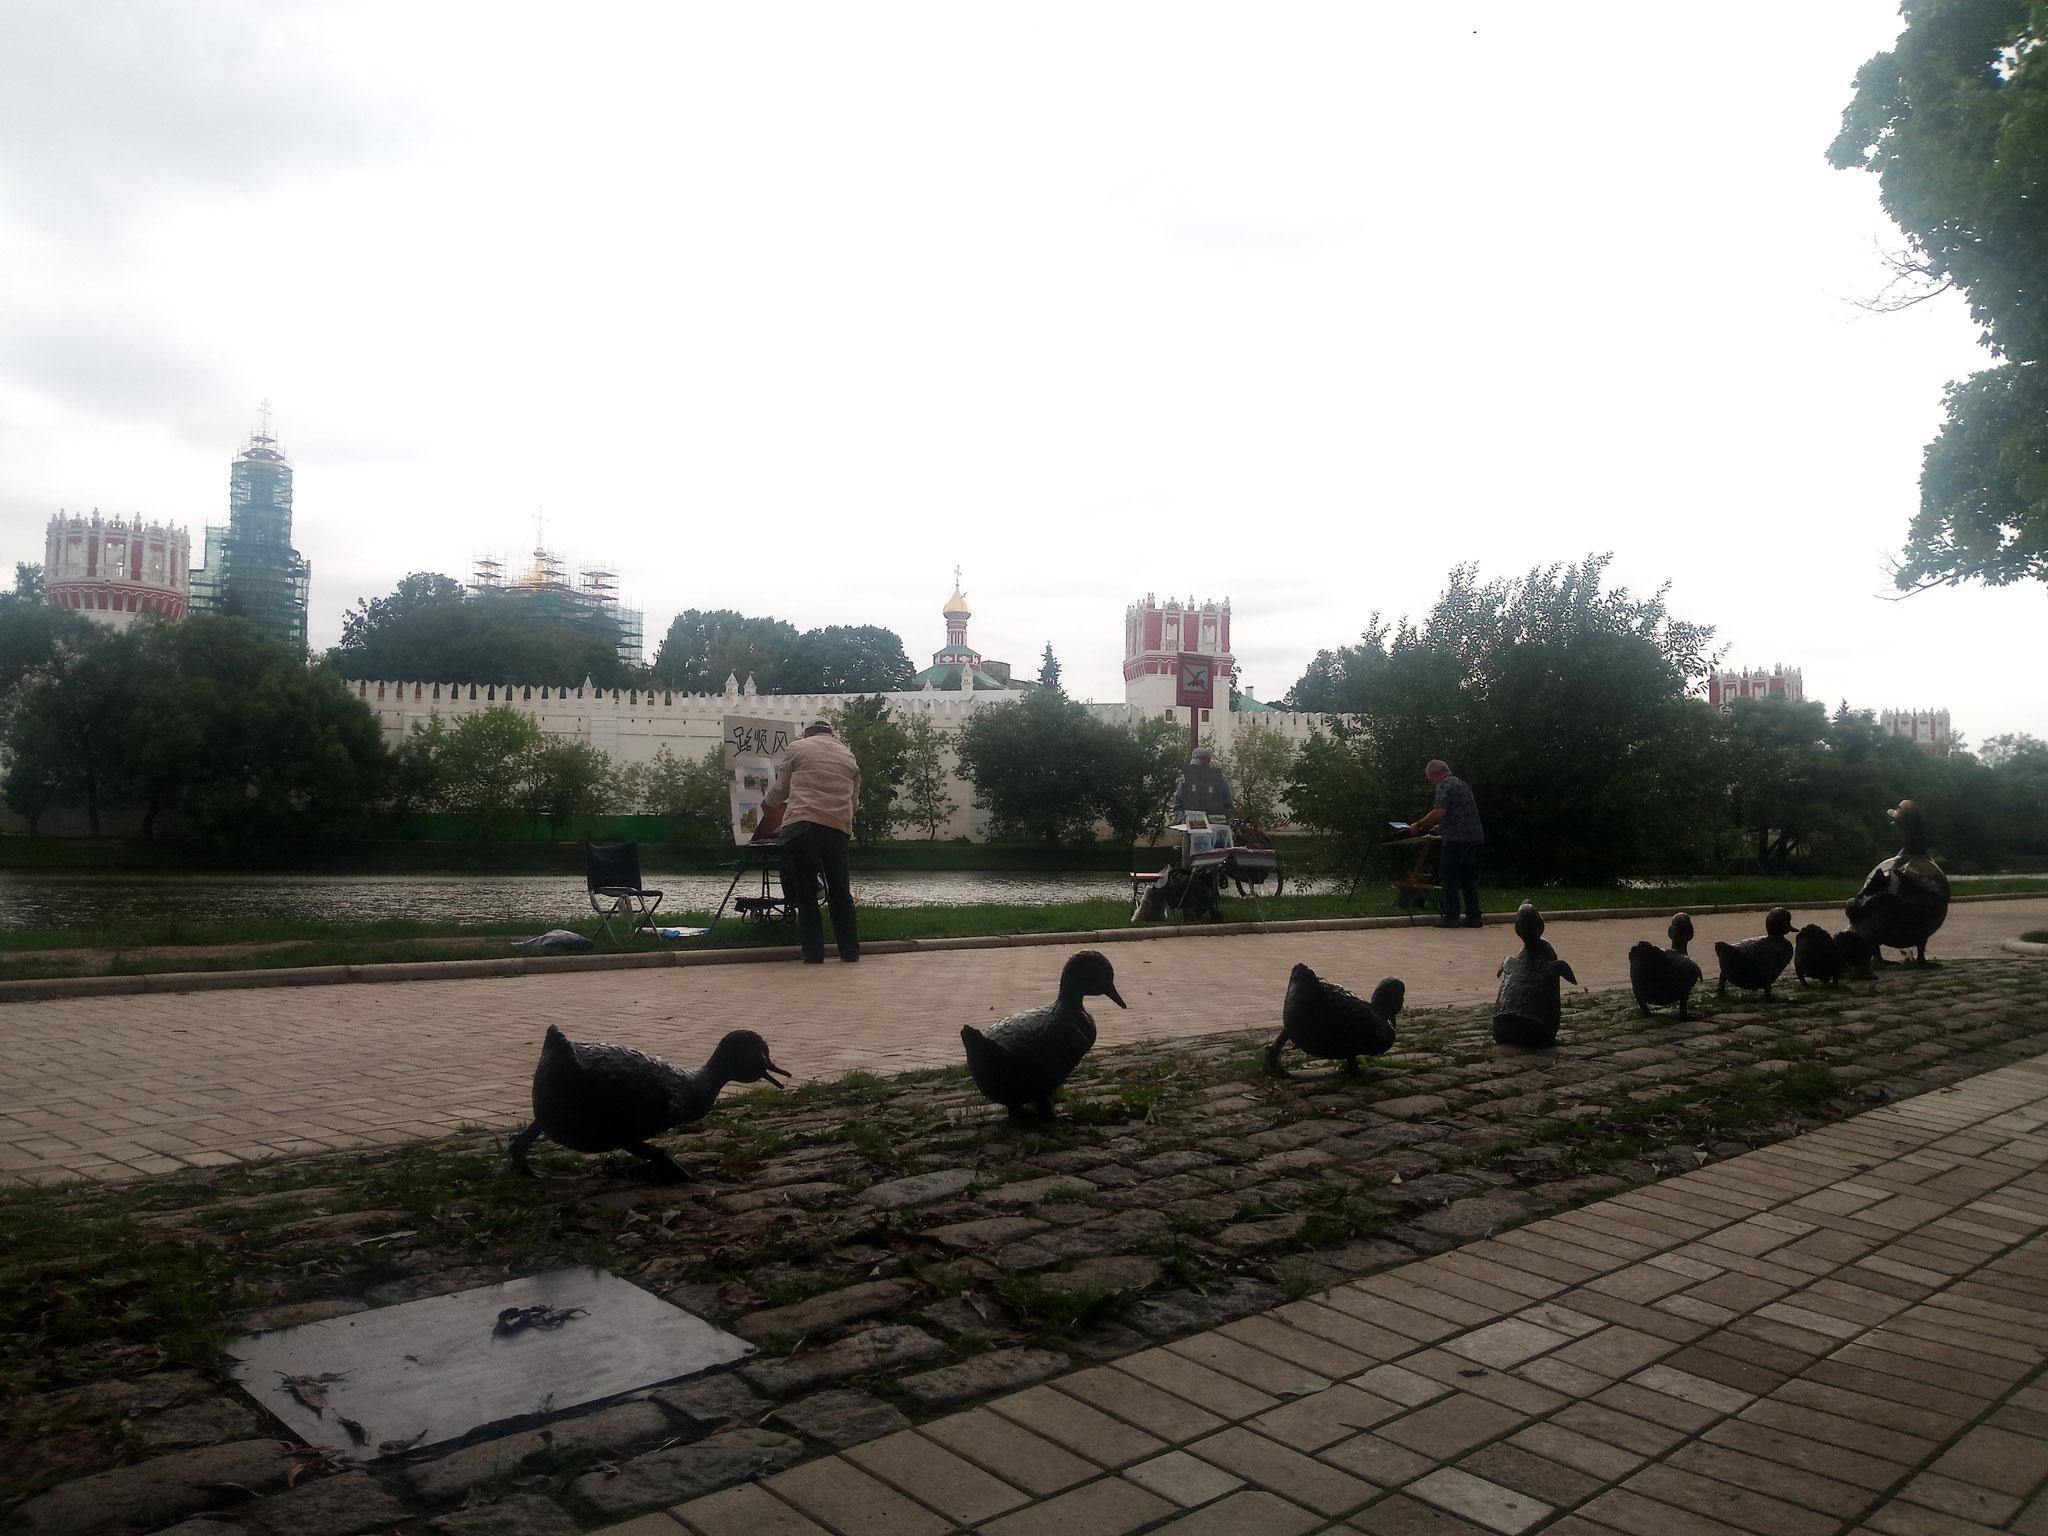 Make Way for Duckling et en arrière plan le couvent de Novodievitchi